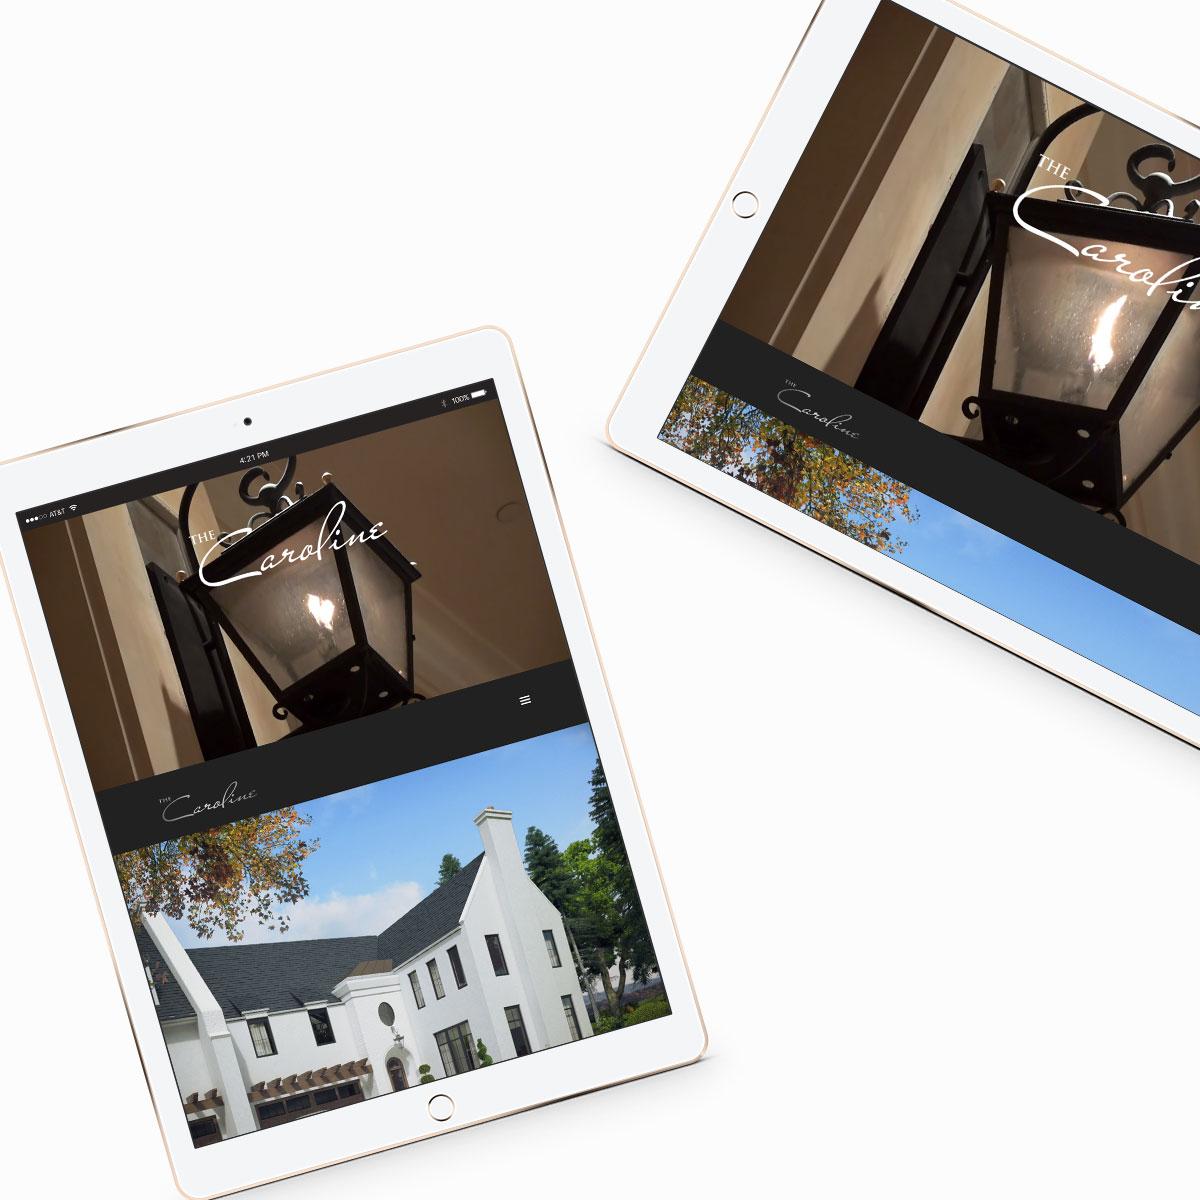 website-design-charlotte-real-estate.jpg